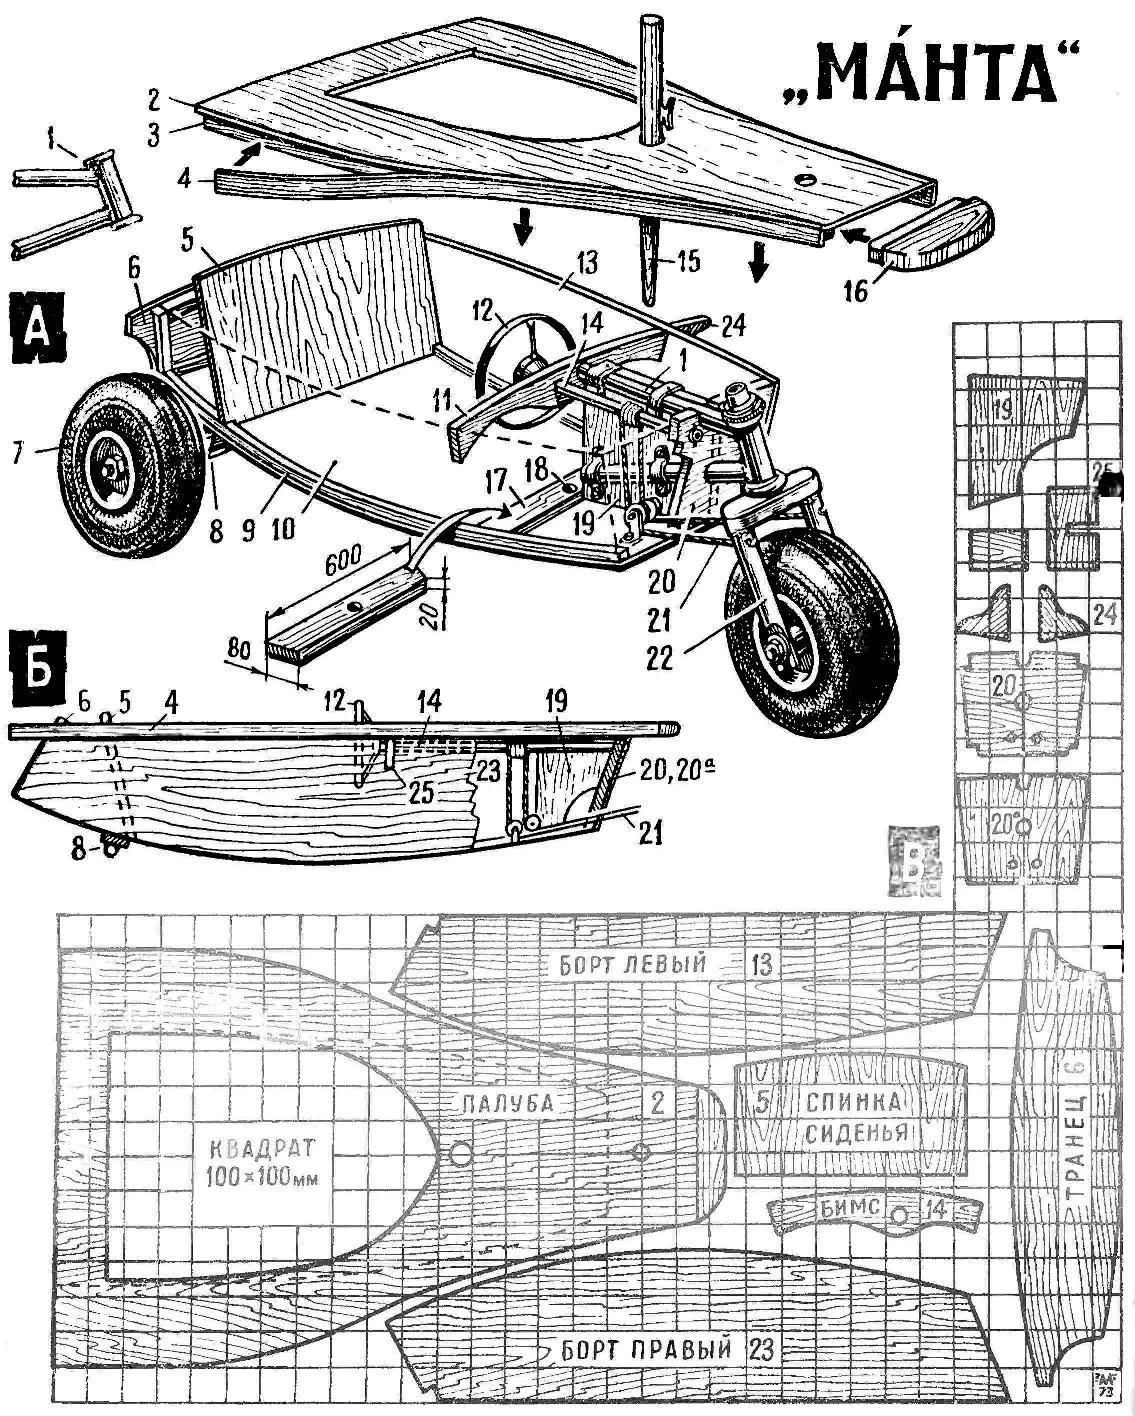 Рис. 1. Конструкция и детали колесной яхты «Манта»